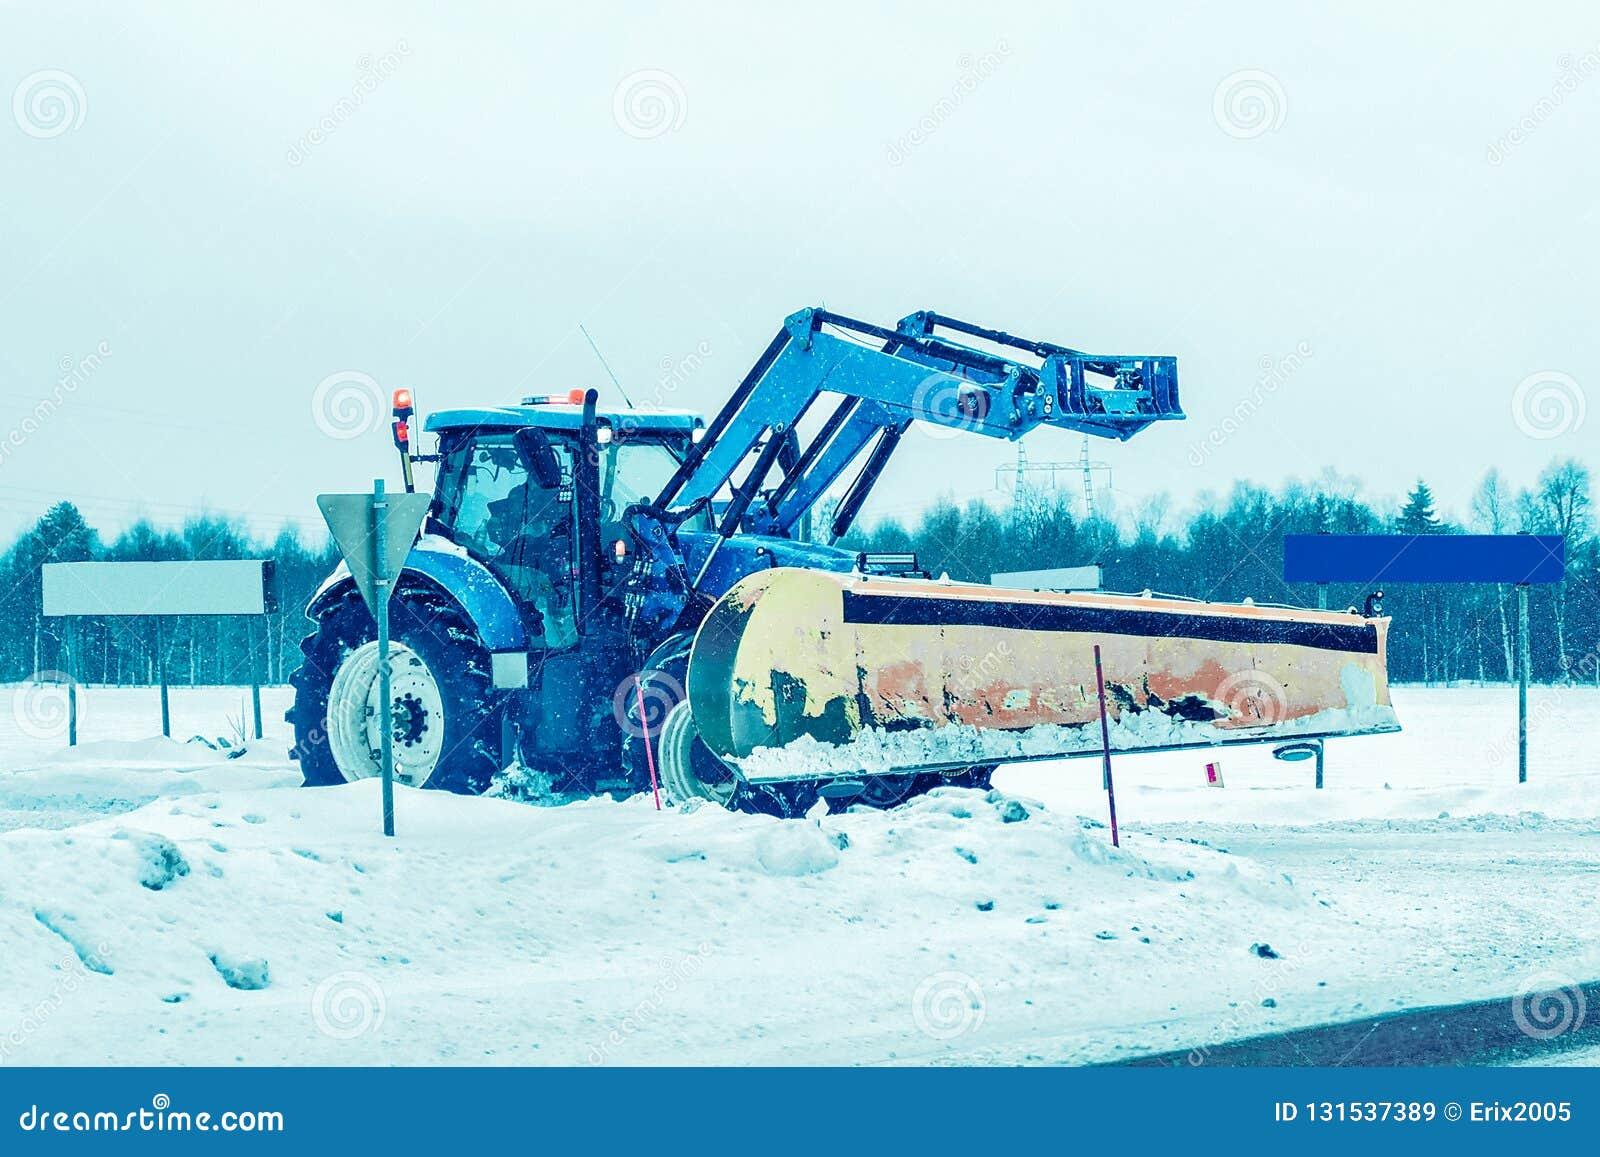 """Αυτοκίνητο αφαίρεσης χιονιού στο δρόμο Ï""""Î¿ χειμώνα Φινλανδία ΡοβανιέμÎ"""